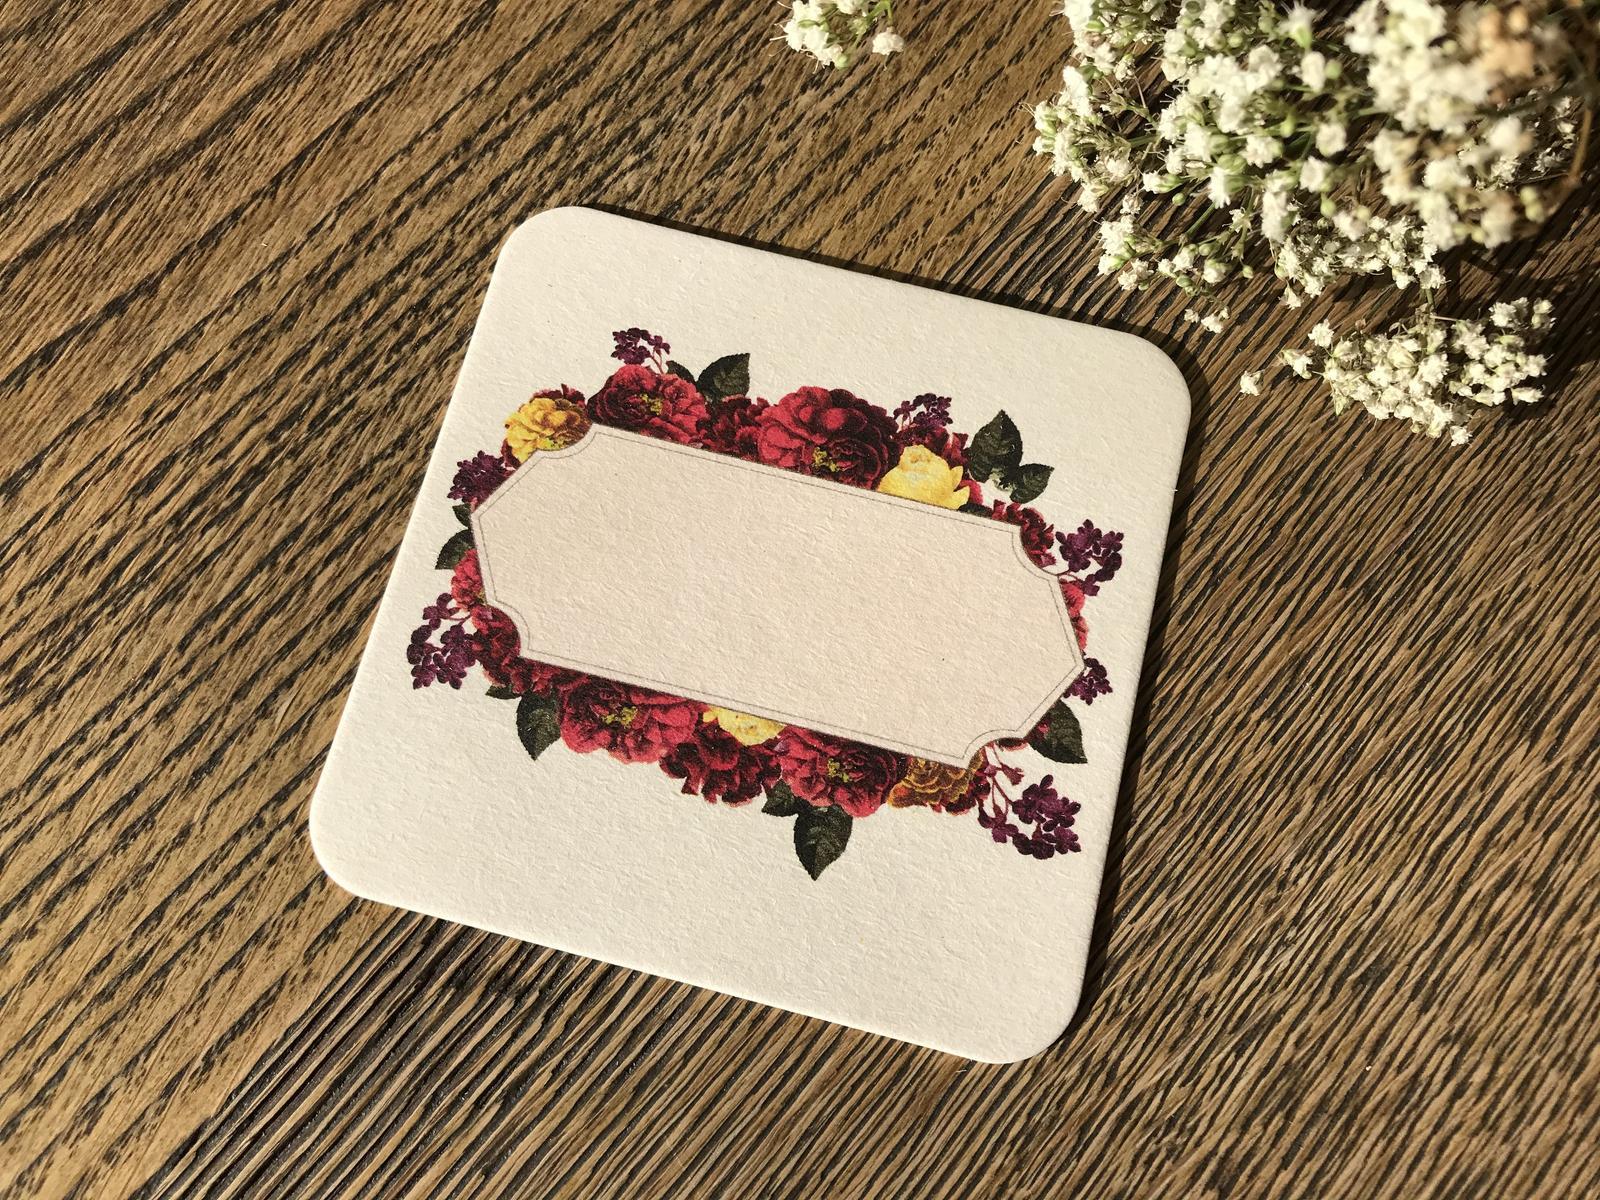 Nápojový tácek jmenovka s bordovými květy - Obrázek č. 1